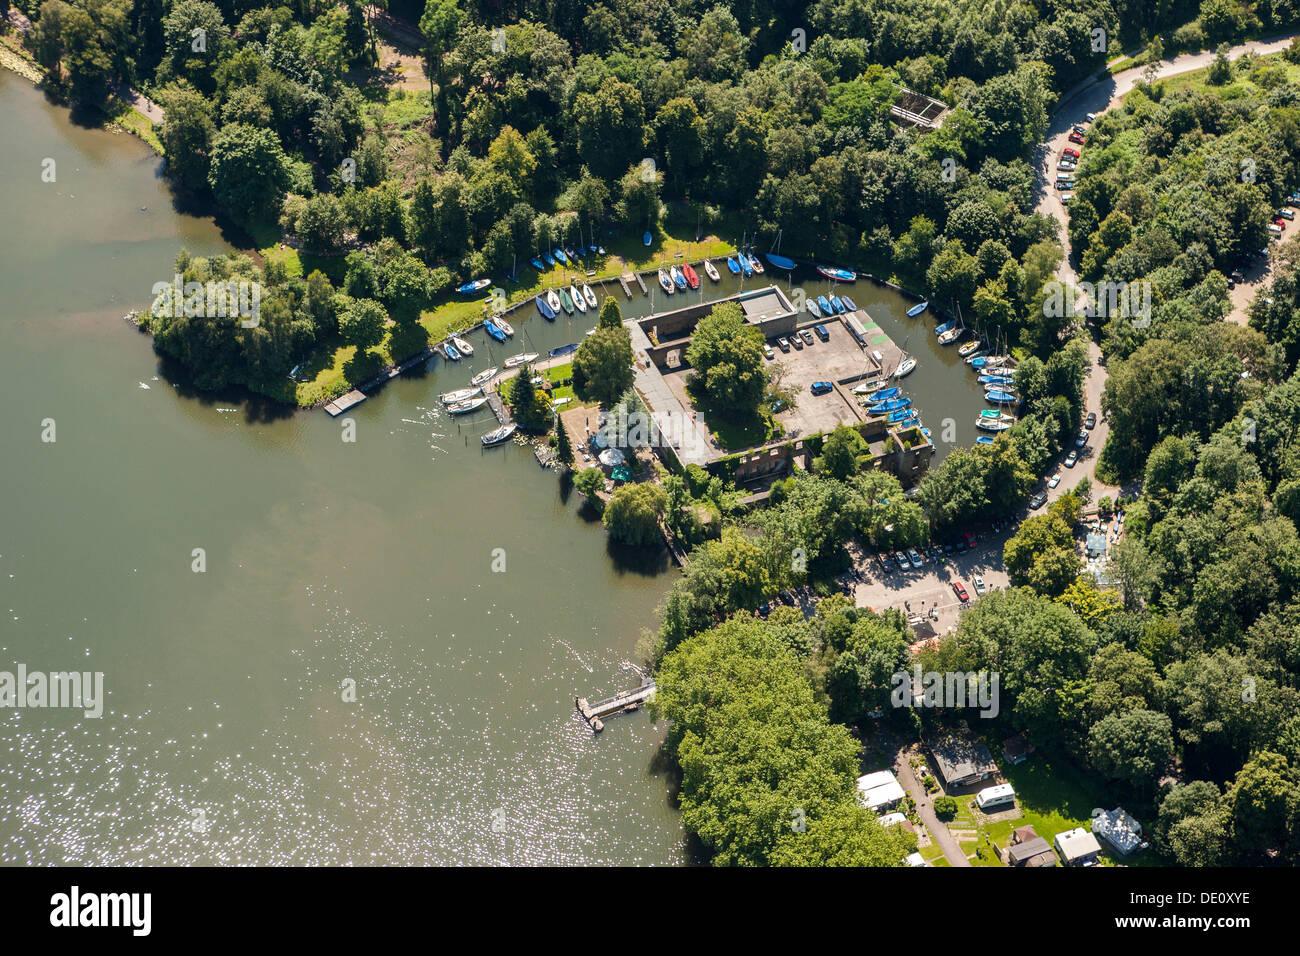 Aerial View Of Haus Scheppen Building On Lake Baldeneysee Essen